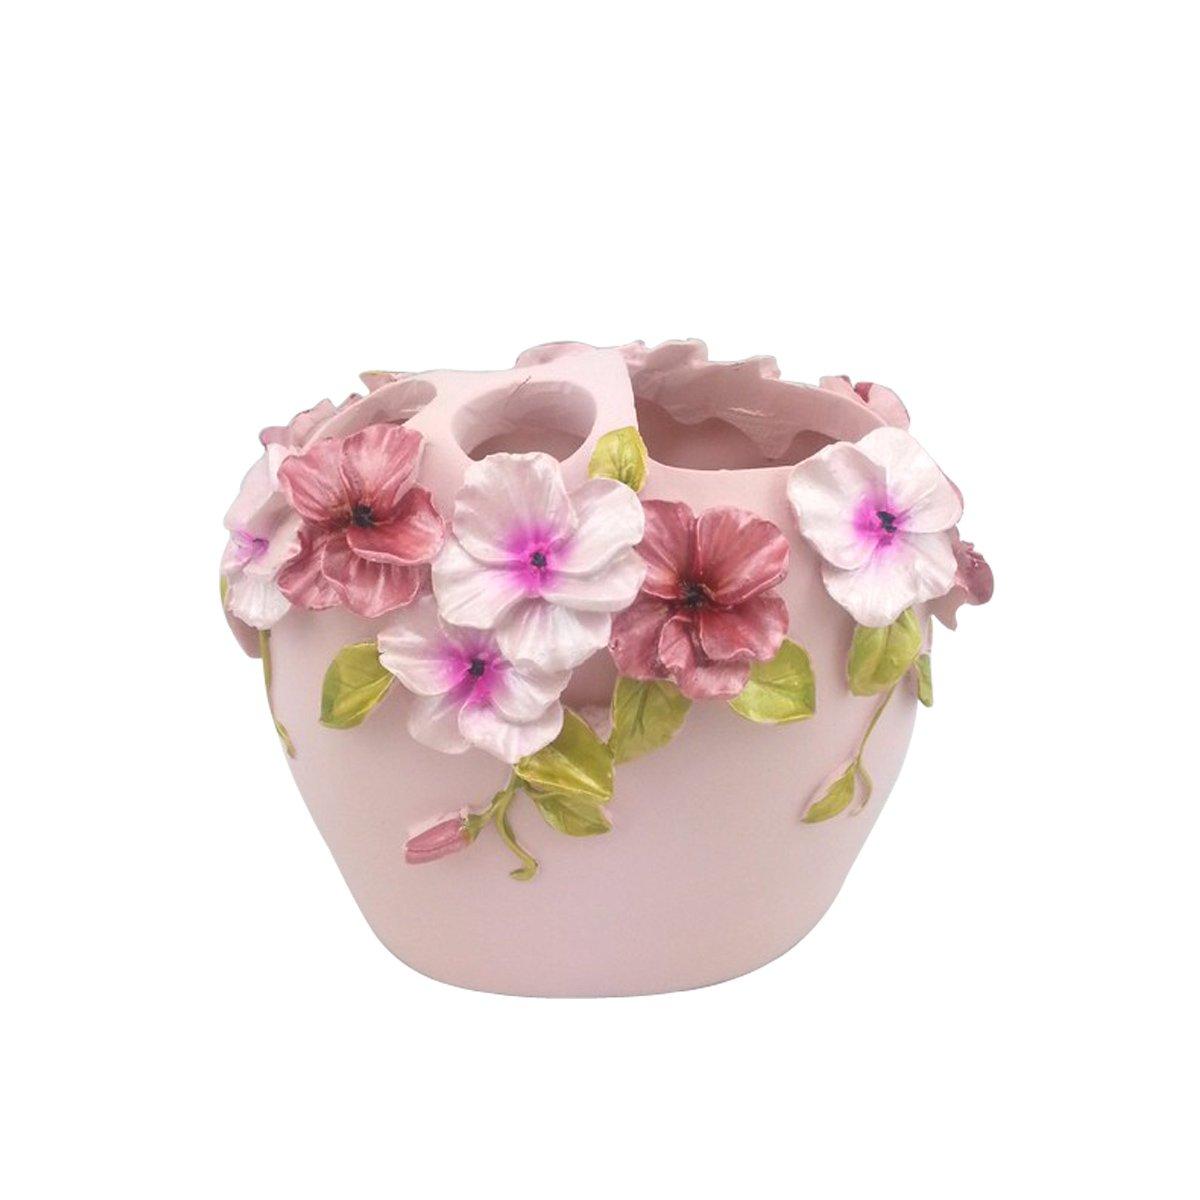 Hqdeal Bad Accessoires Set 5 Teilig Blumen Design Bloom